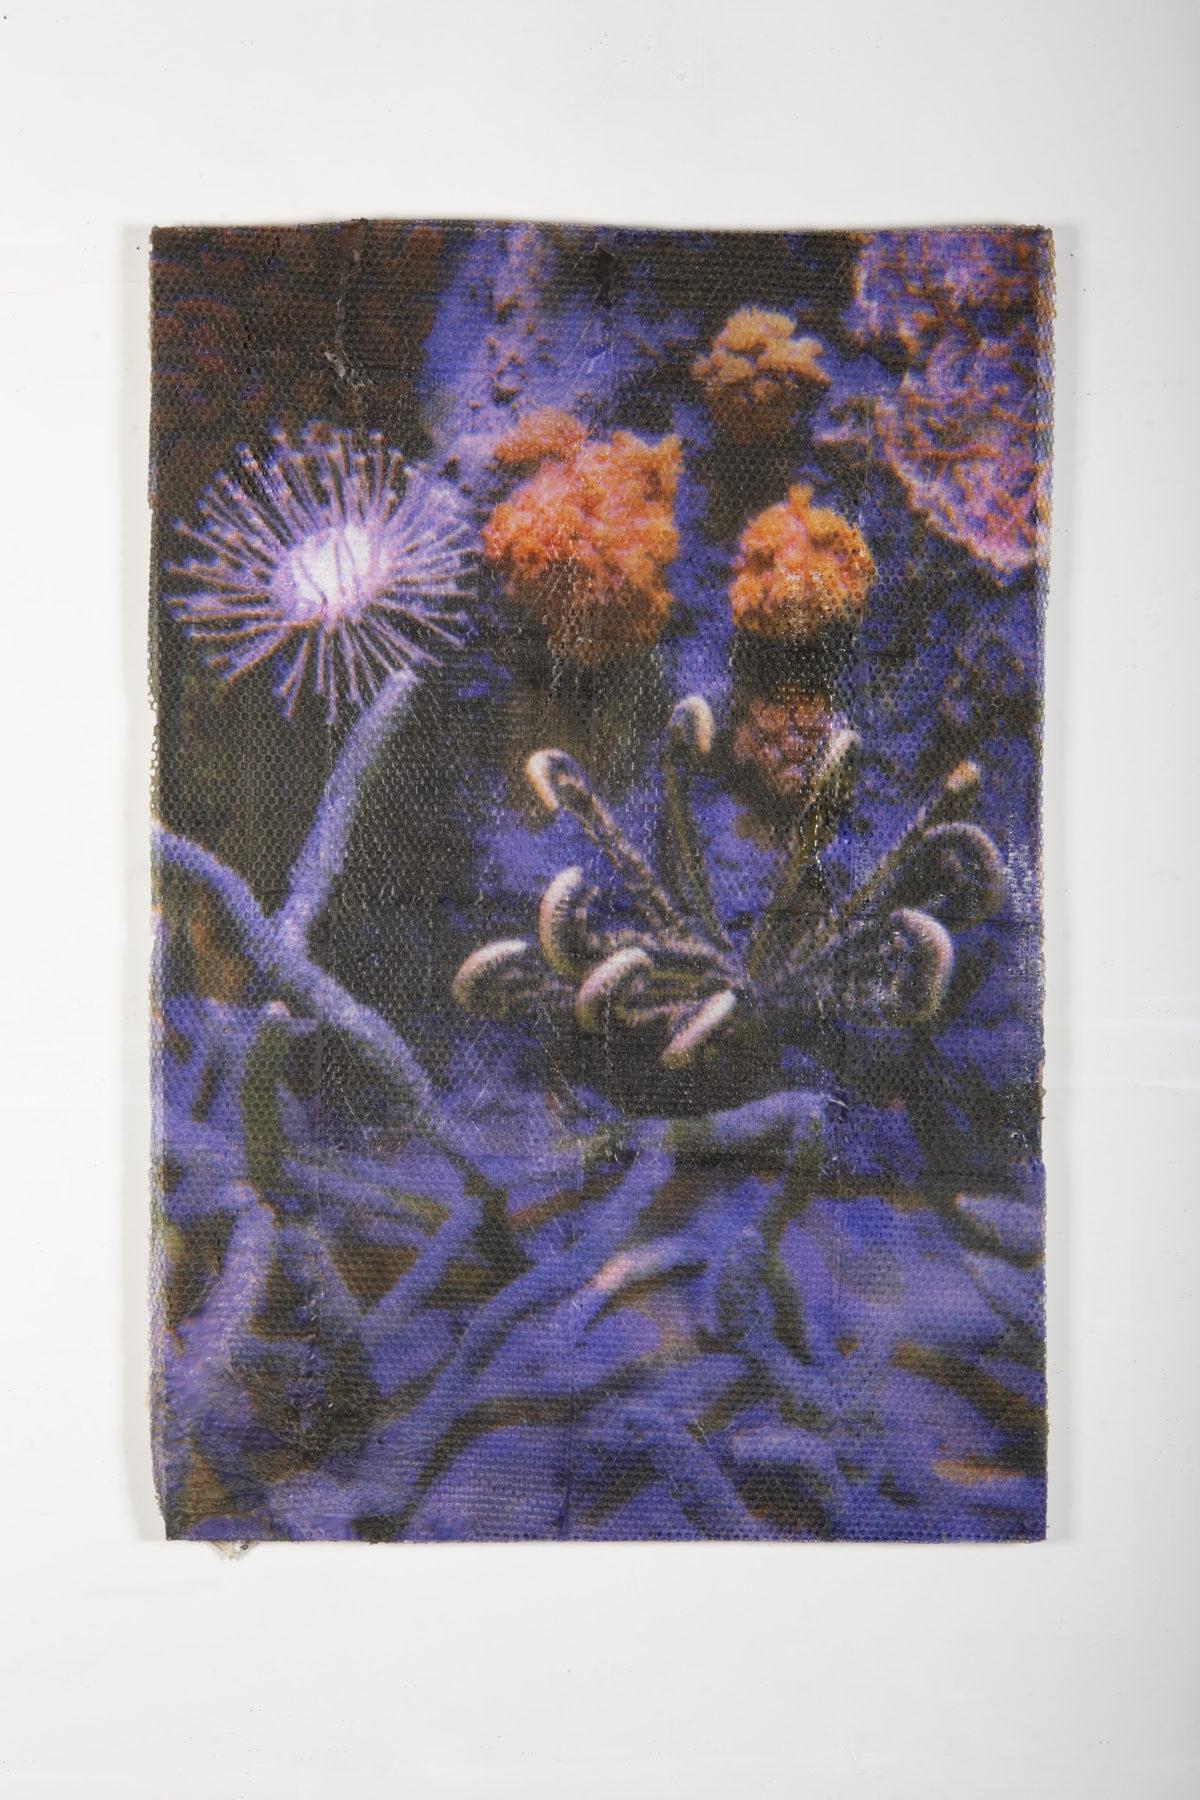 Hugh Scott-Douglas<br><em>Natural History</em>, 2019<br>Gesso, polyester resin, UV-cured inkjet print on canvas over dibond panel<br>60 x 40 inches / 153 x 102 cm